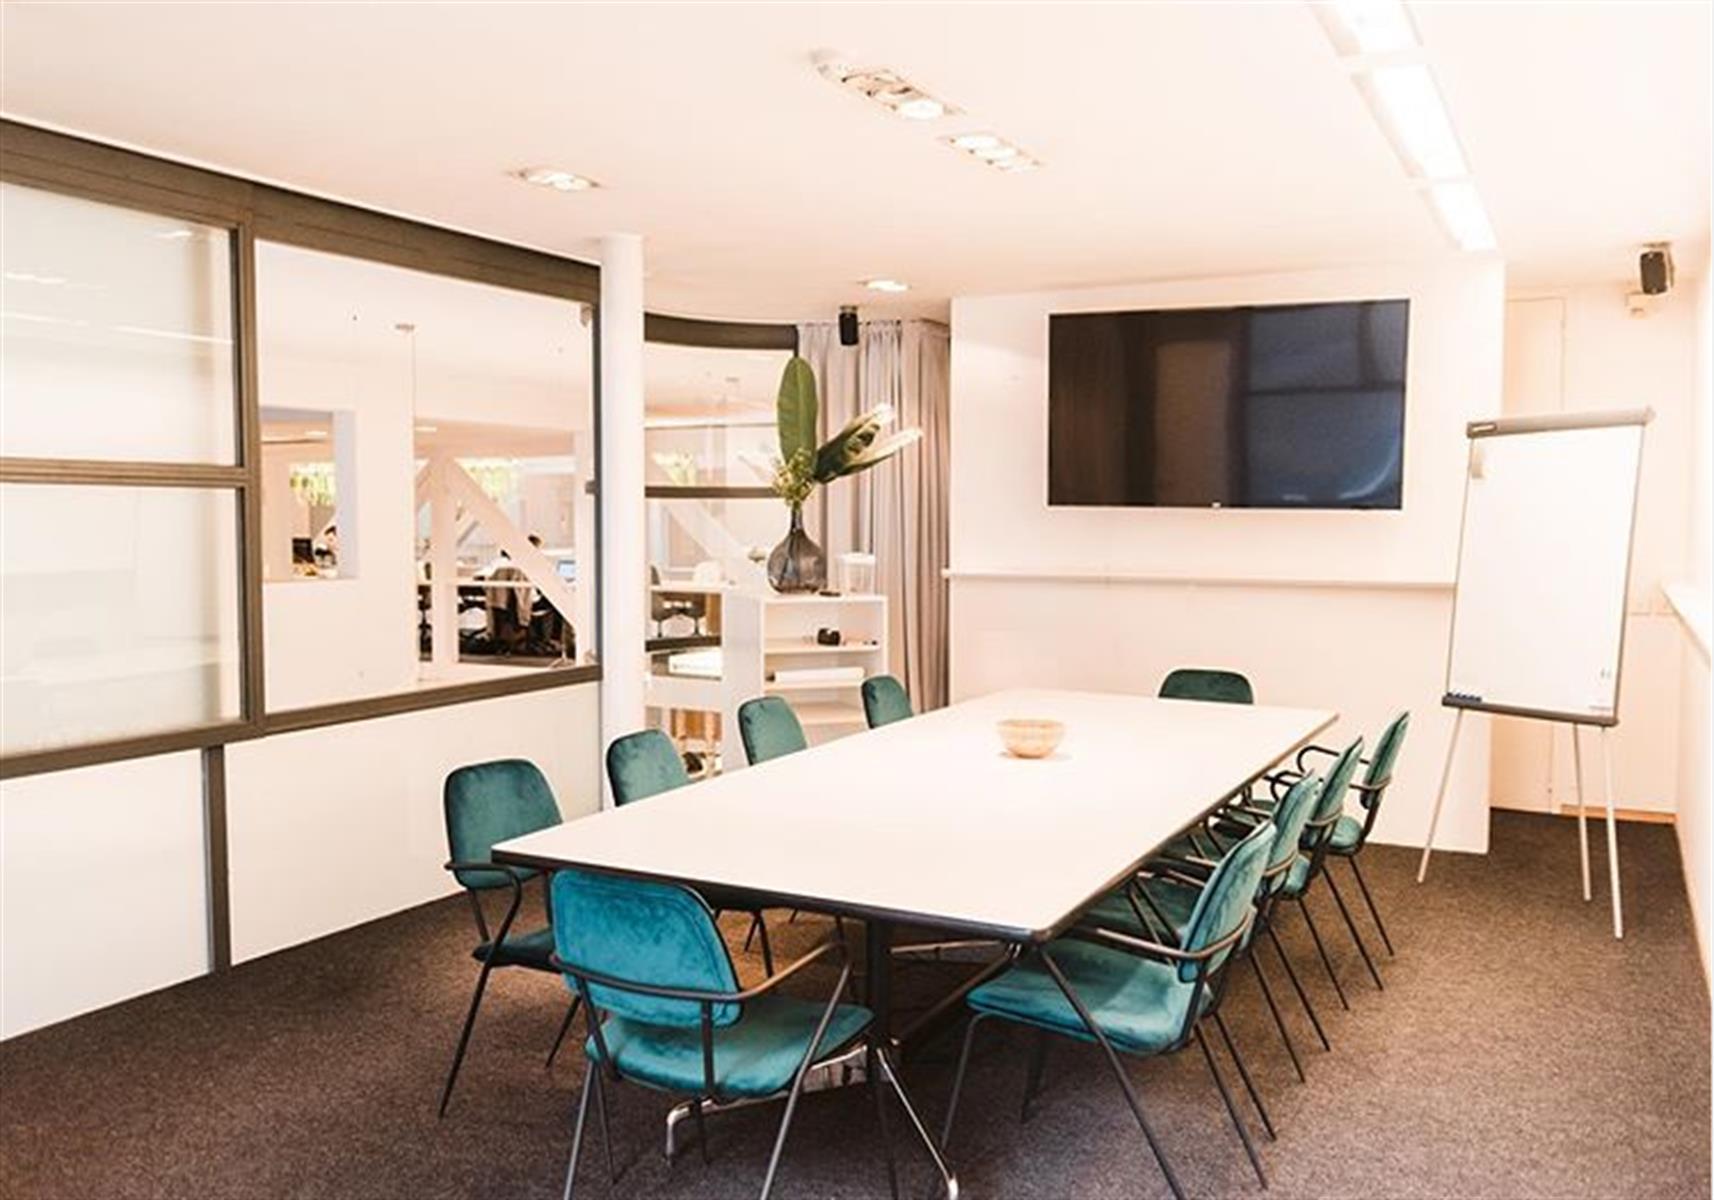 kantoor te huur 3-Dagen - IJzerenpoortkaai 3, 2000 Antwerpen, België 3